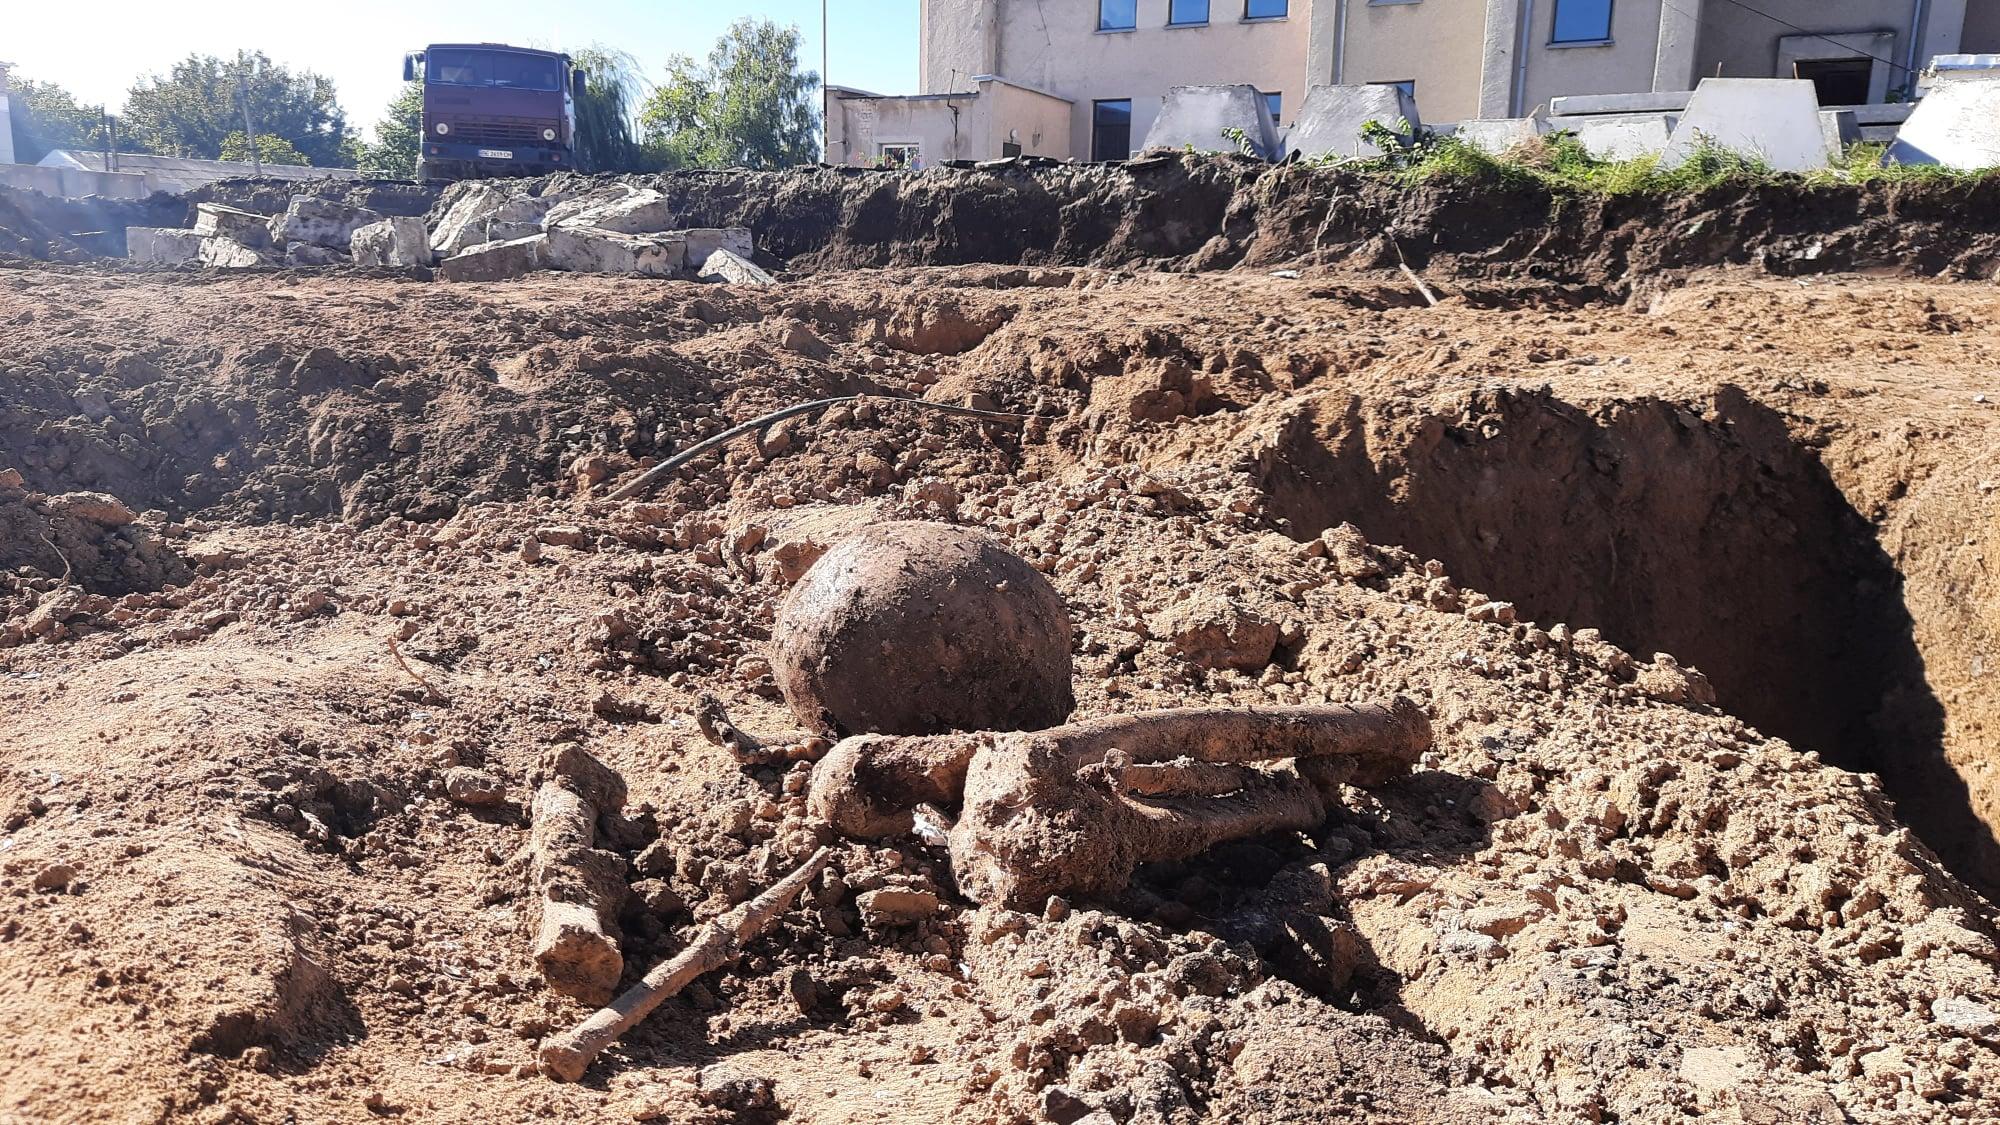 В Баштанке на месте строительства супермаркета обнаружили захоронение людей (ФОТО) 9